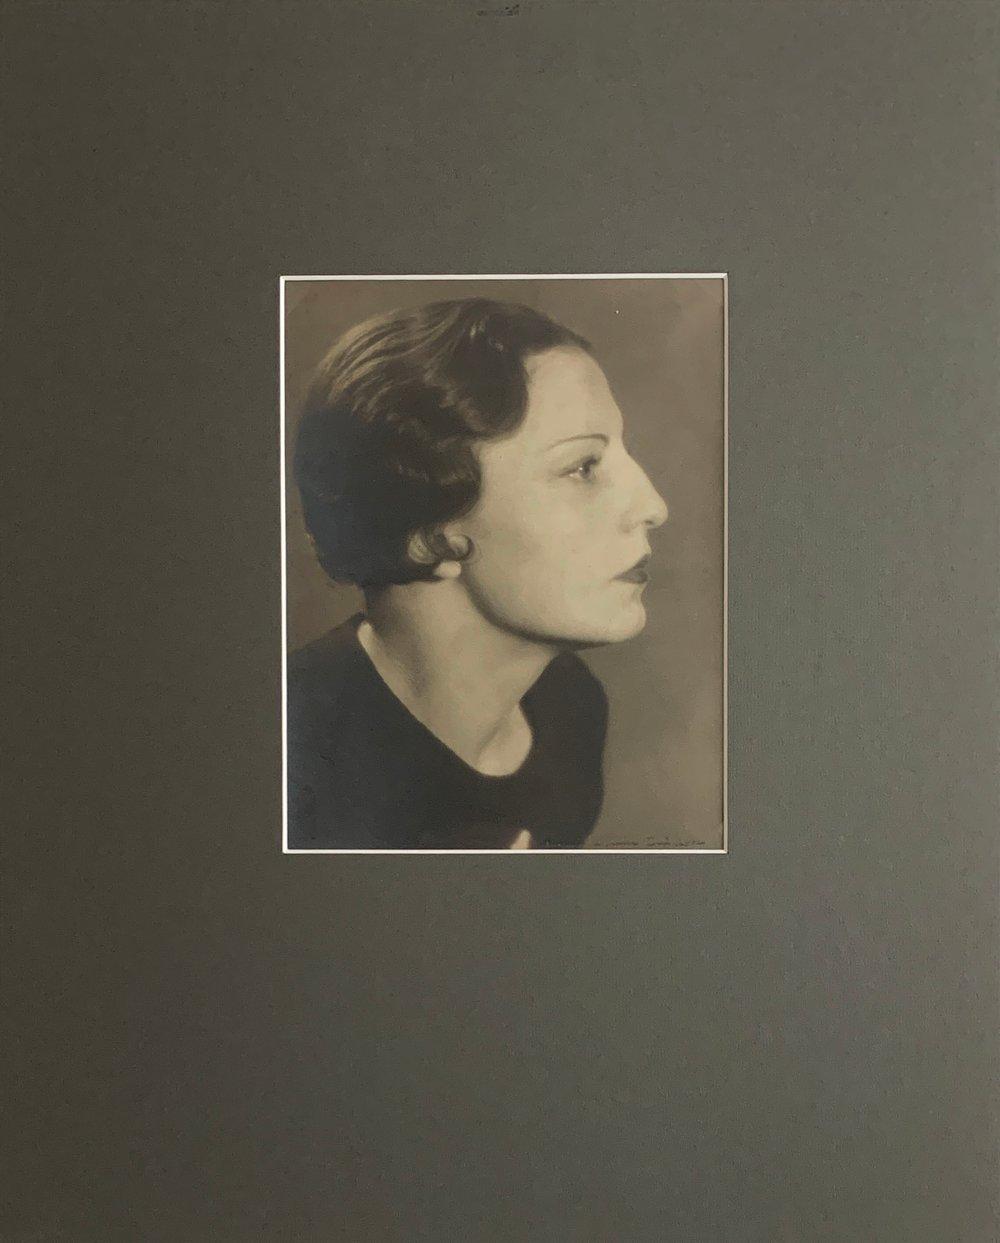 Laure ALBIN-GUILLOT - Portrait de femme, c.1930